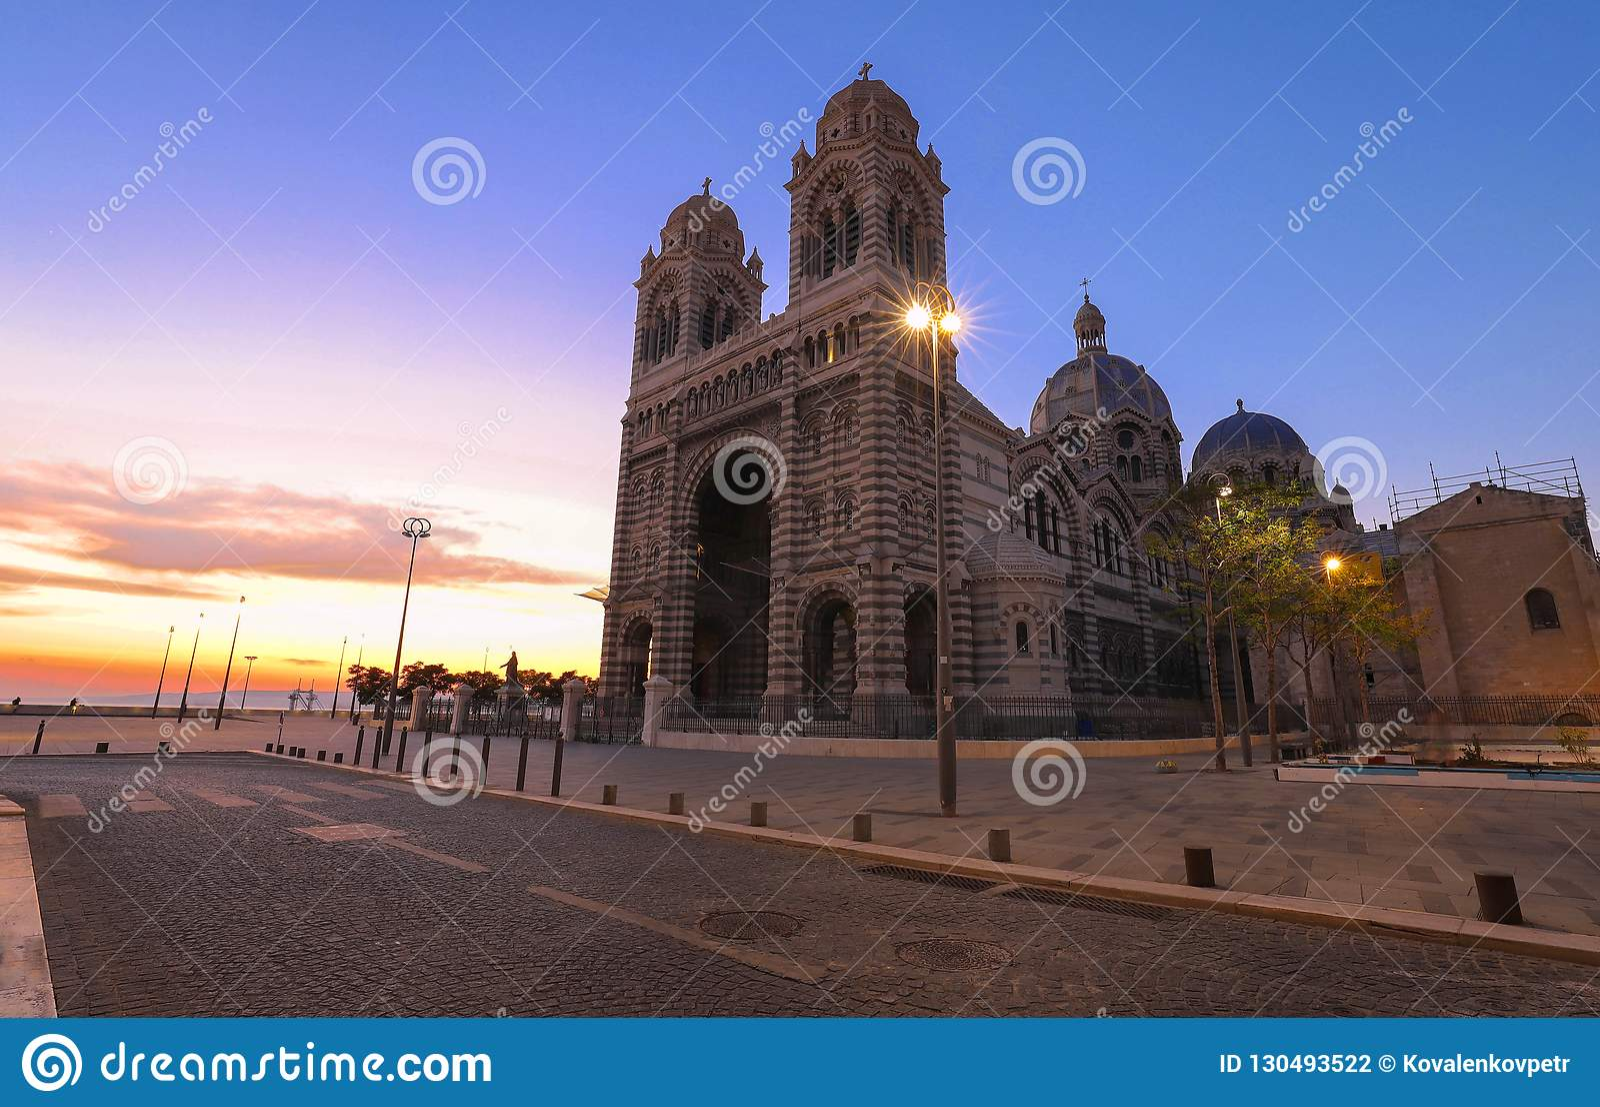 La opinión de la puesta del sol de la catedral de Marsella, Sainte-Marie-Majeure, también conocida como La principal